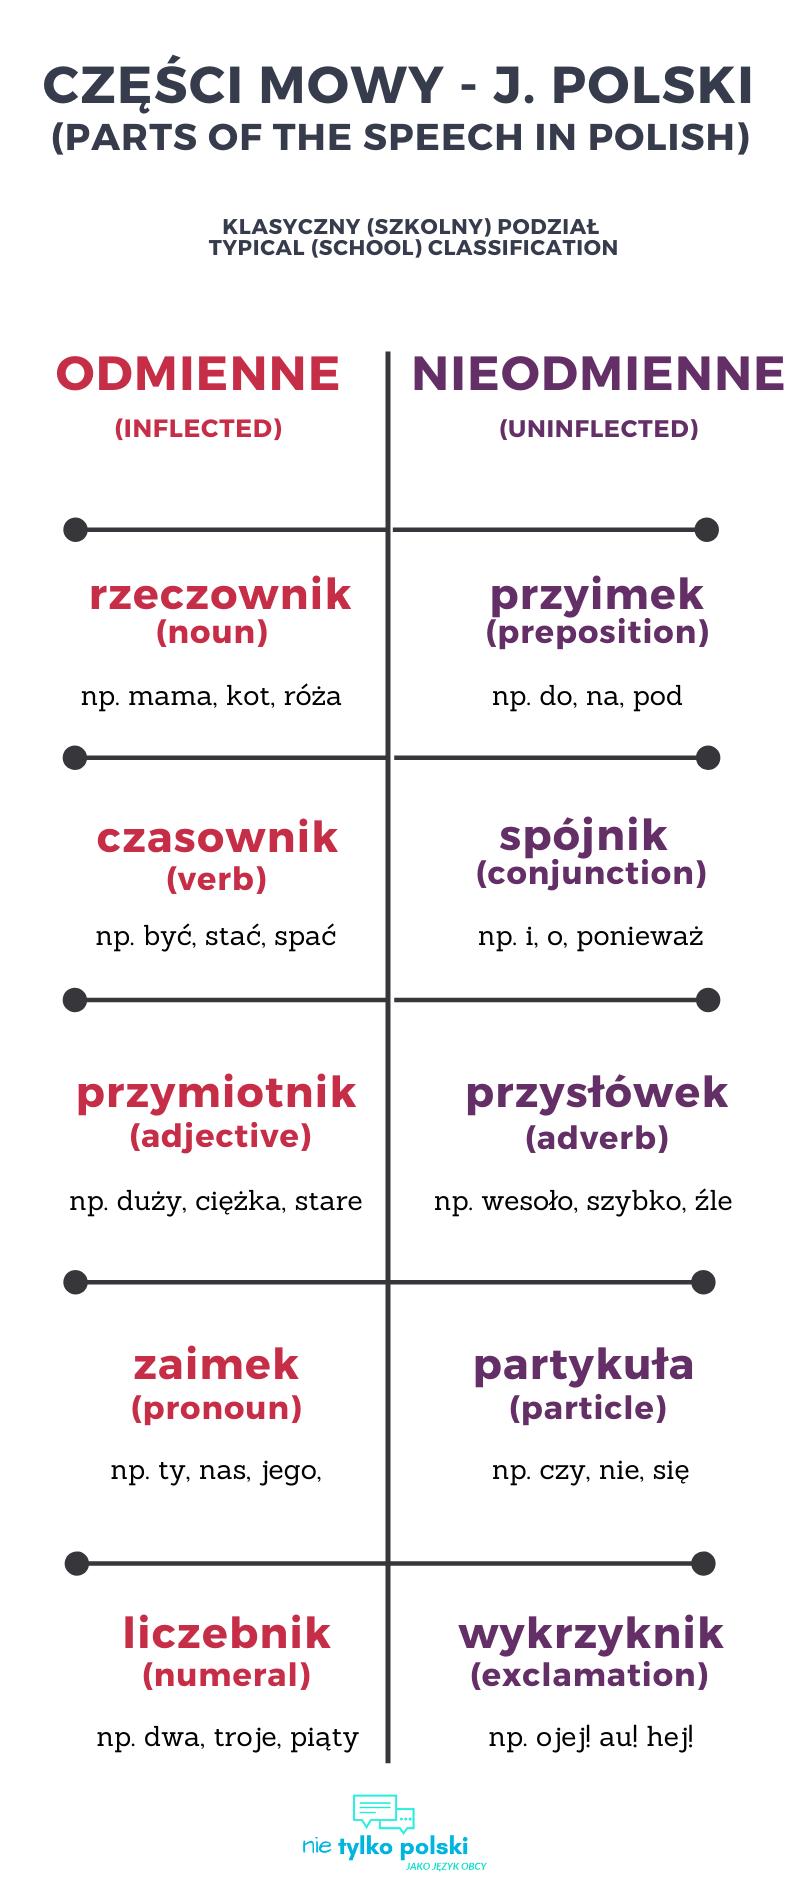 Części mowy j. polski (Parts of the speech in Polish) in